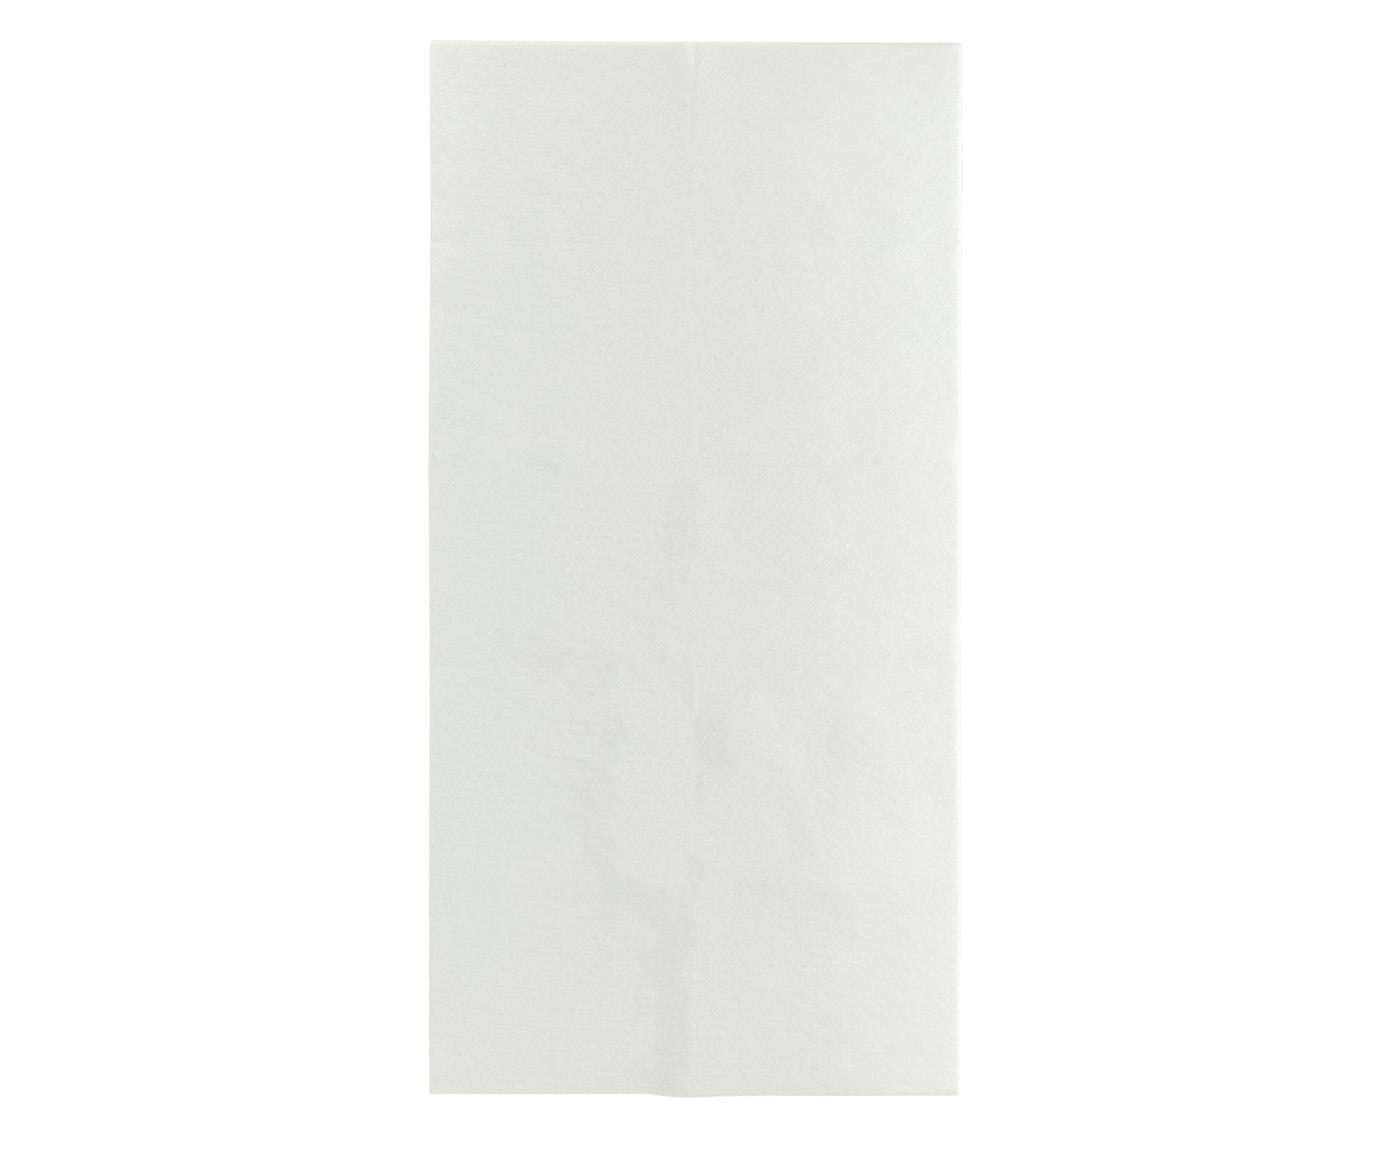 Sottotappeto in pile di poliestere My Slip Stop, Pelo di poliestere con rivestimento antiscivolo, Grigio chiaro, Larg. 70 x Lung. 140 cm